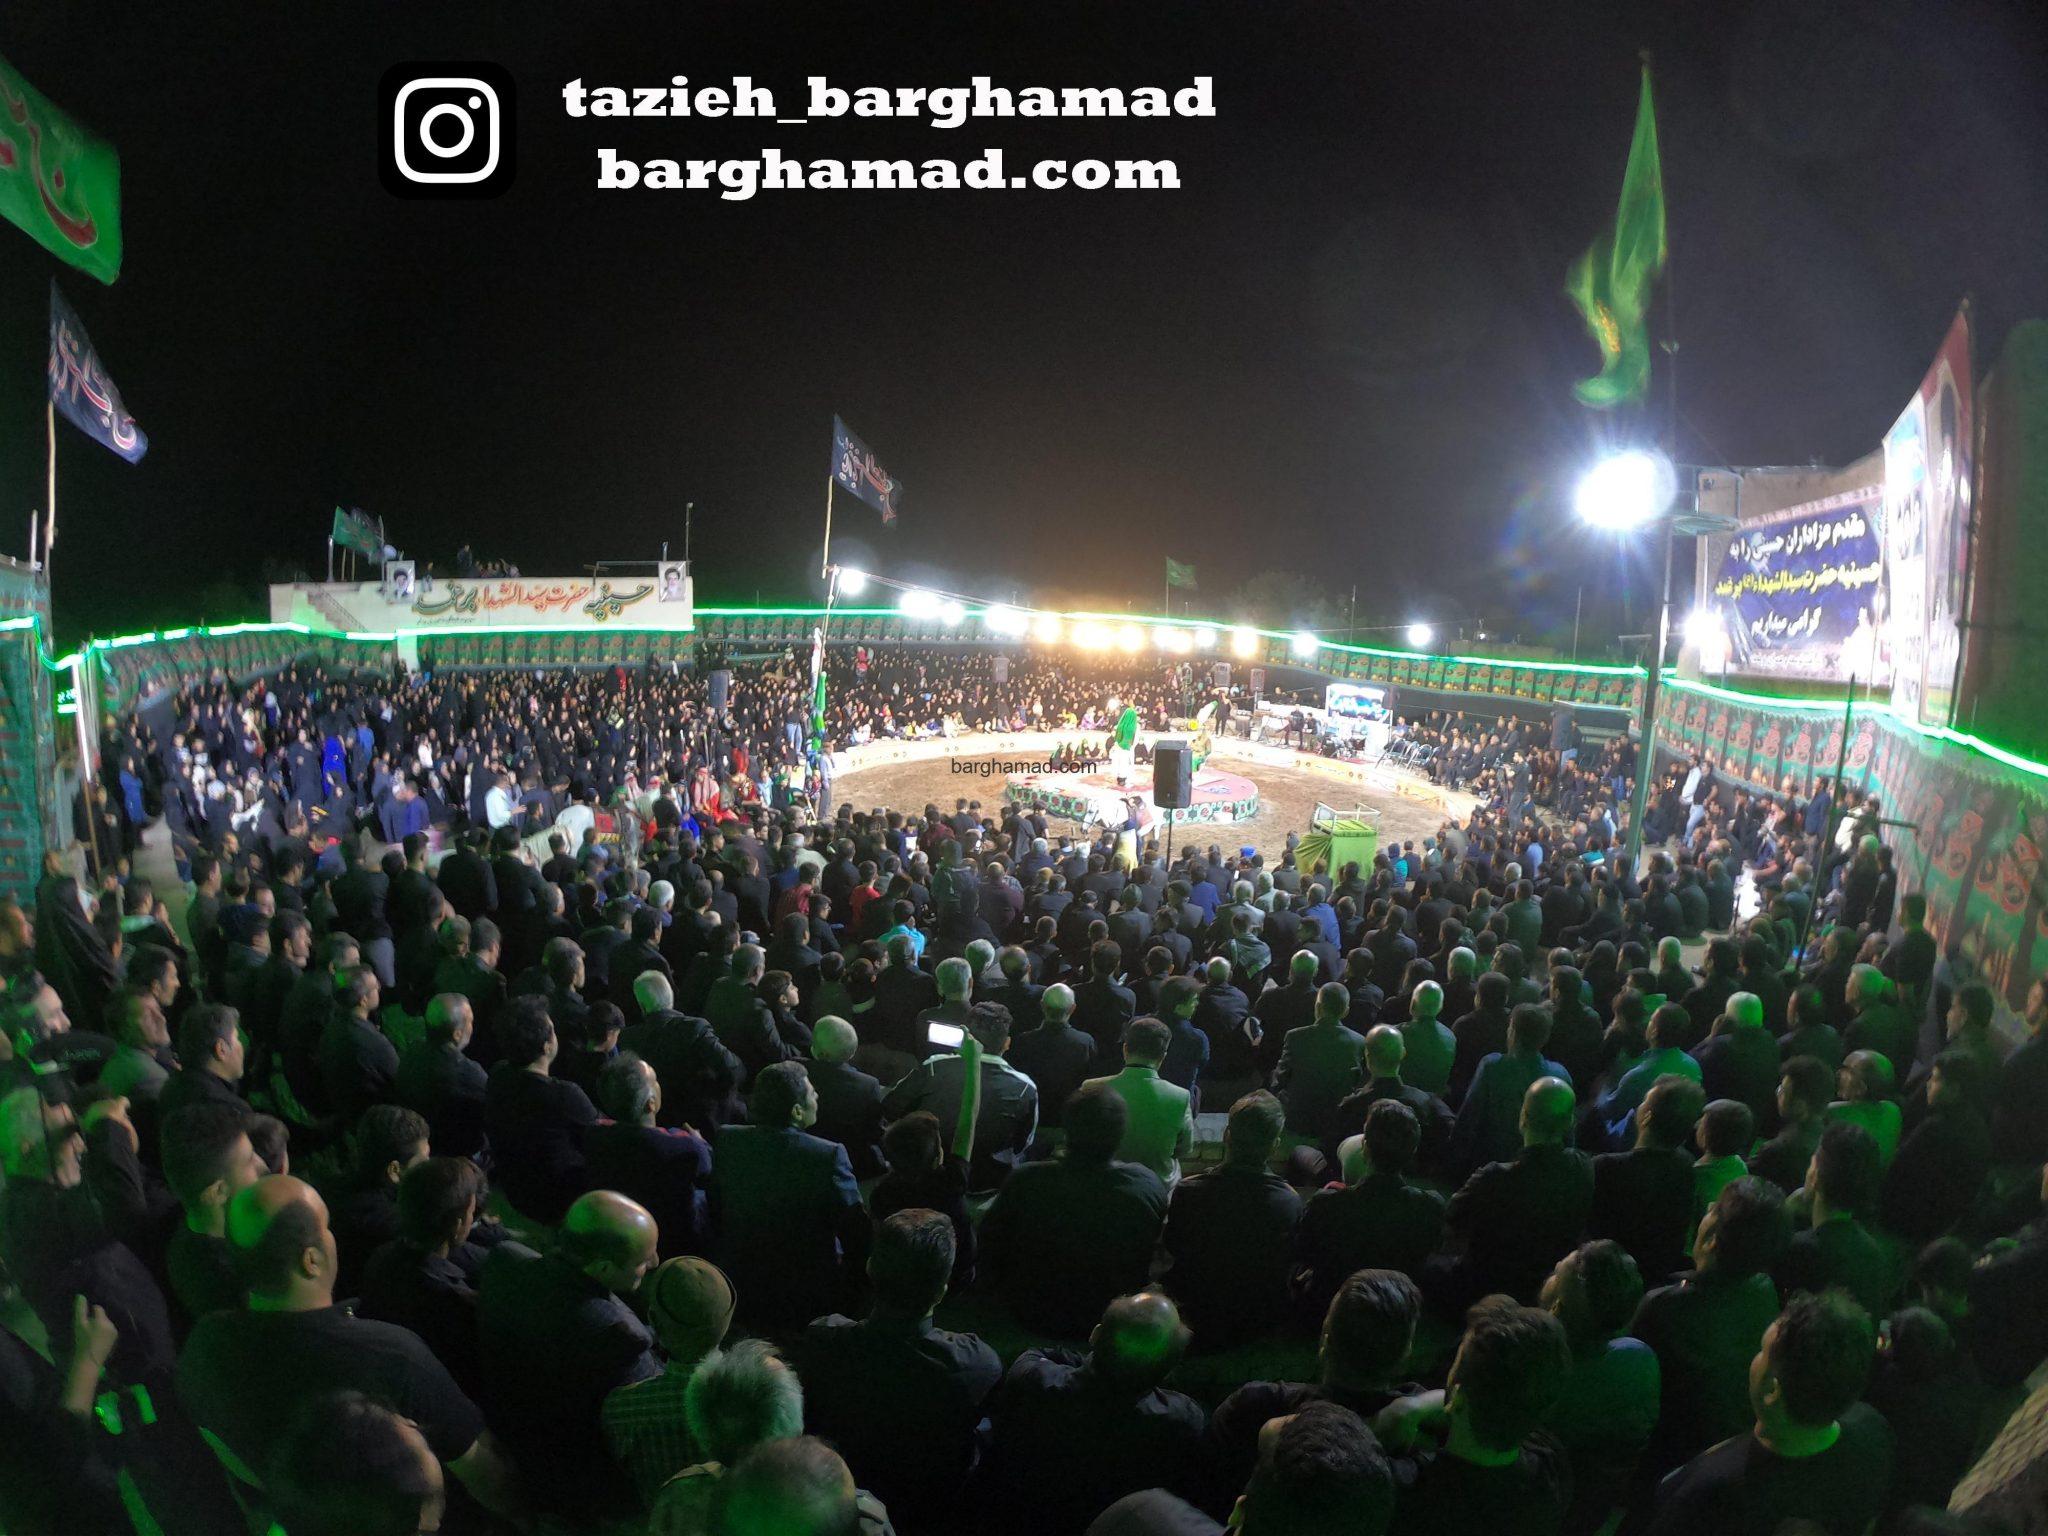 میدان تعزیه حسینیه حضرت سیدالشهداء روستای برغمد محرم 1398